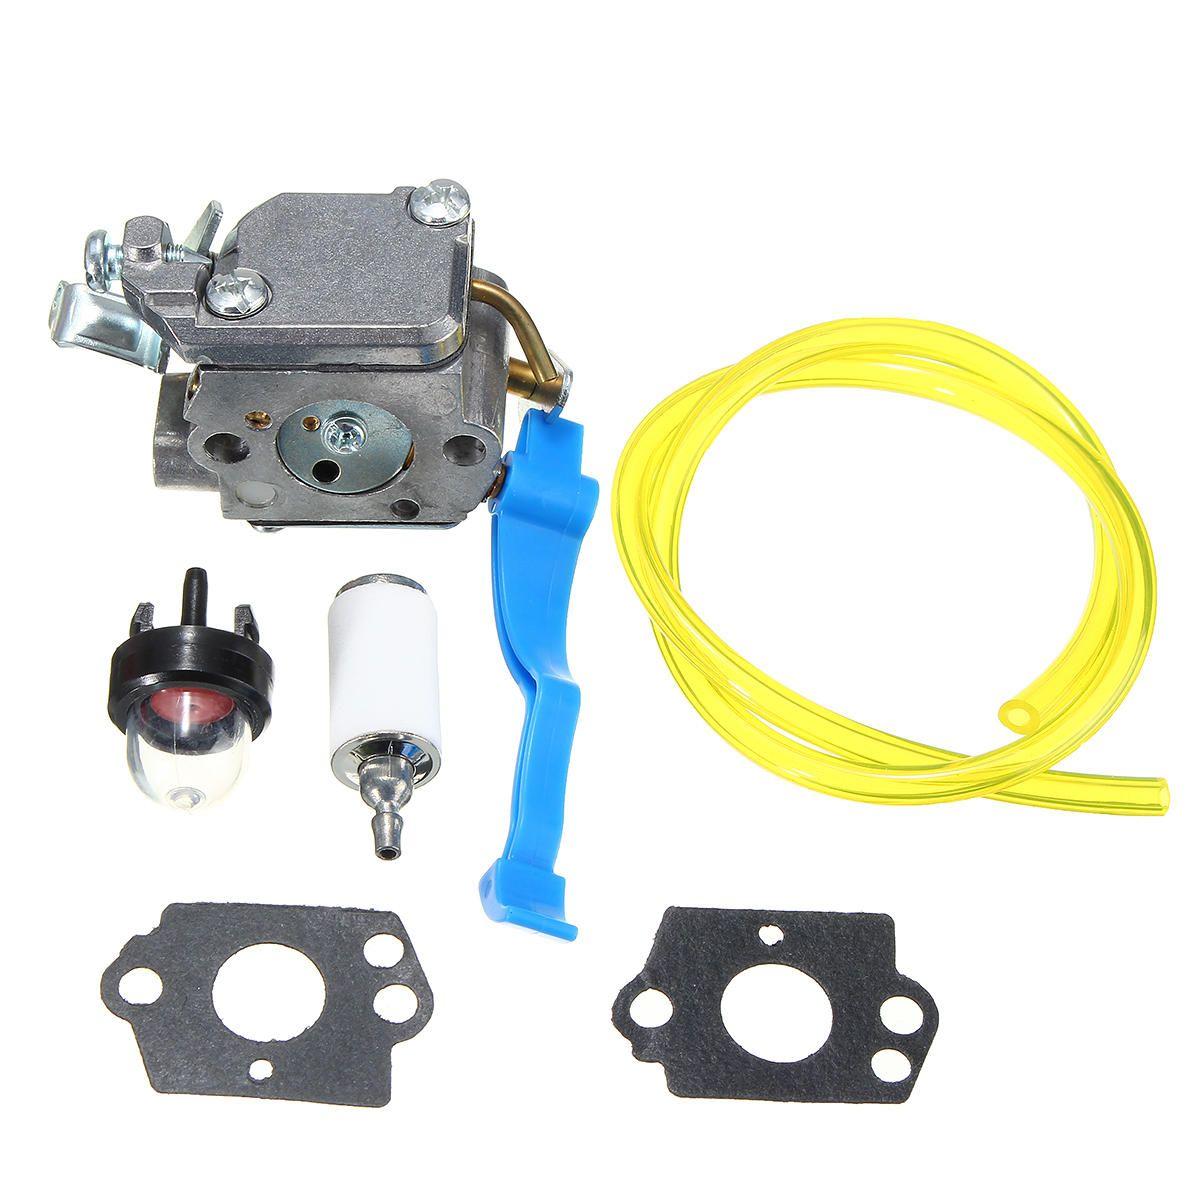 Carburetor with Gasket Fuel Line Air Filter For Husqvarna